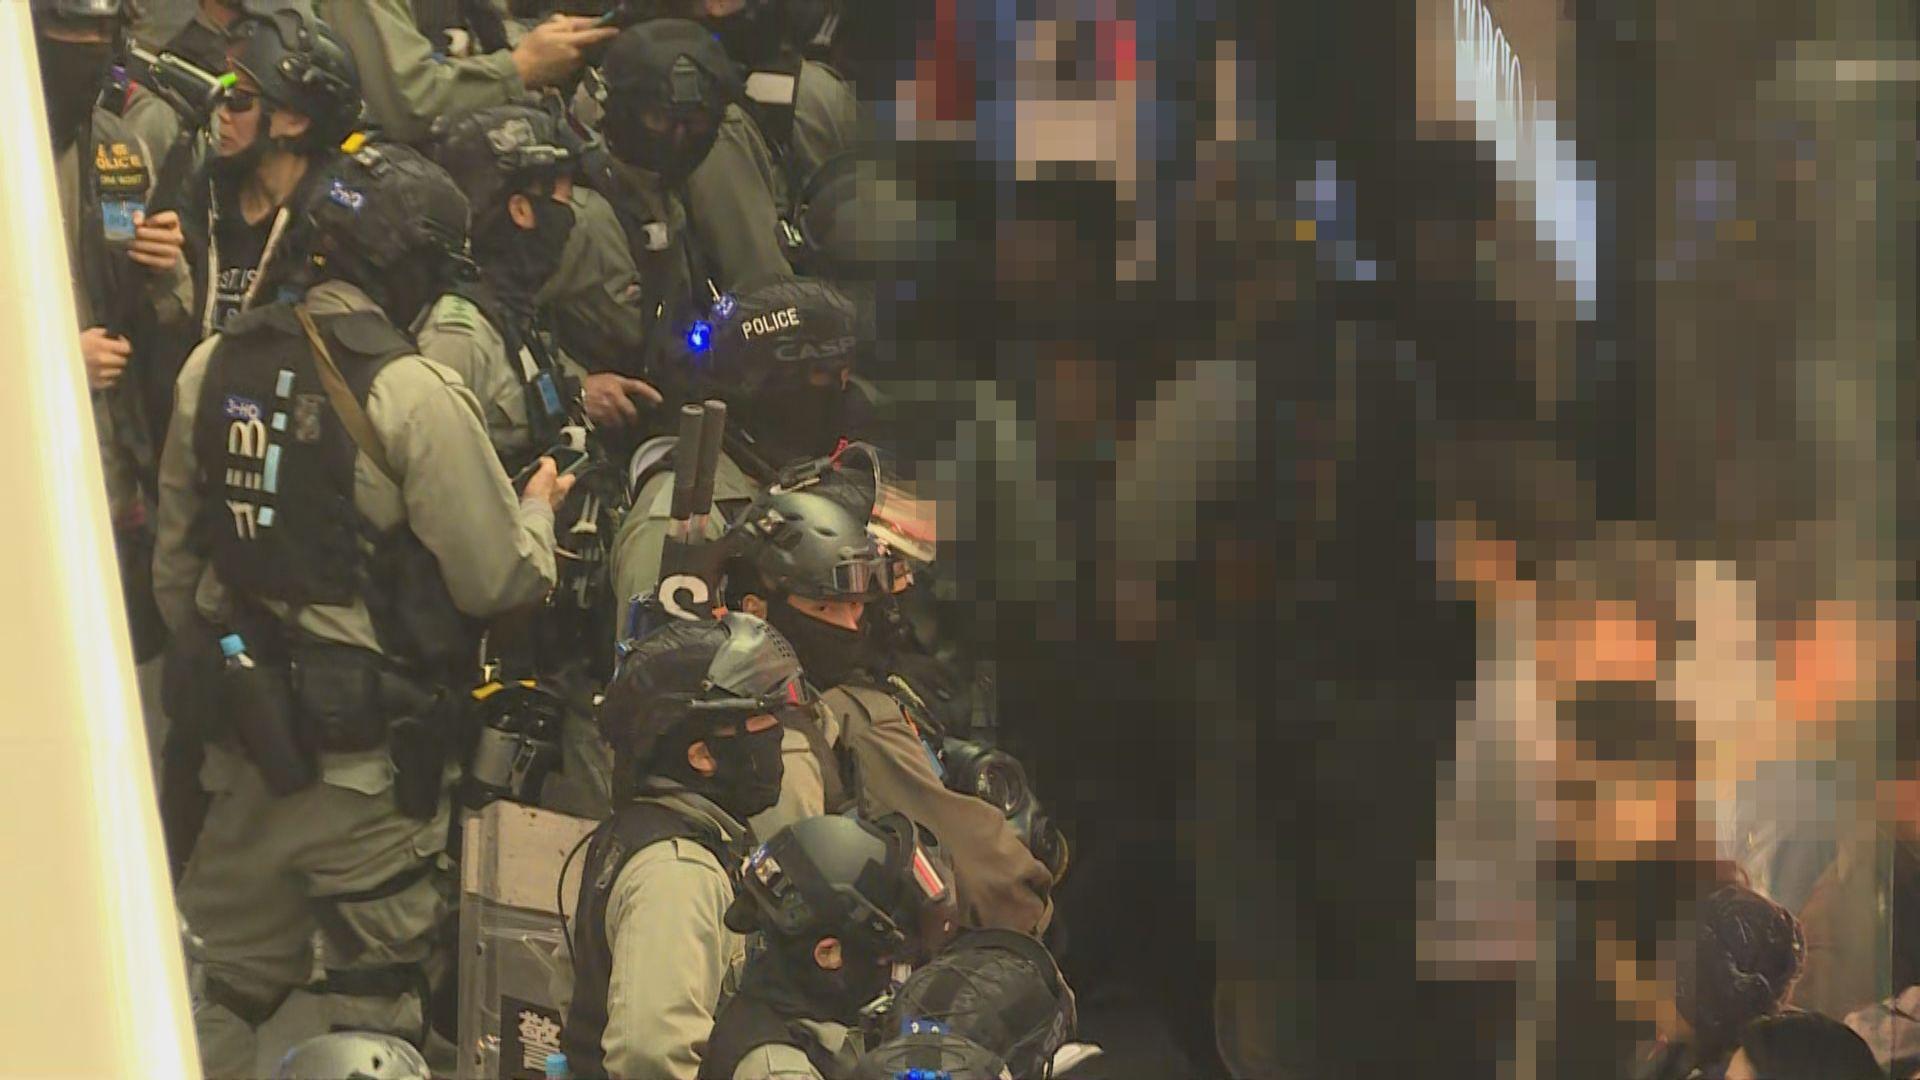 警方要求聚集人士離開 在中環一帶拘捕多人